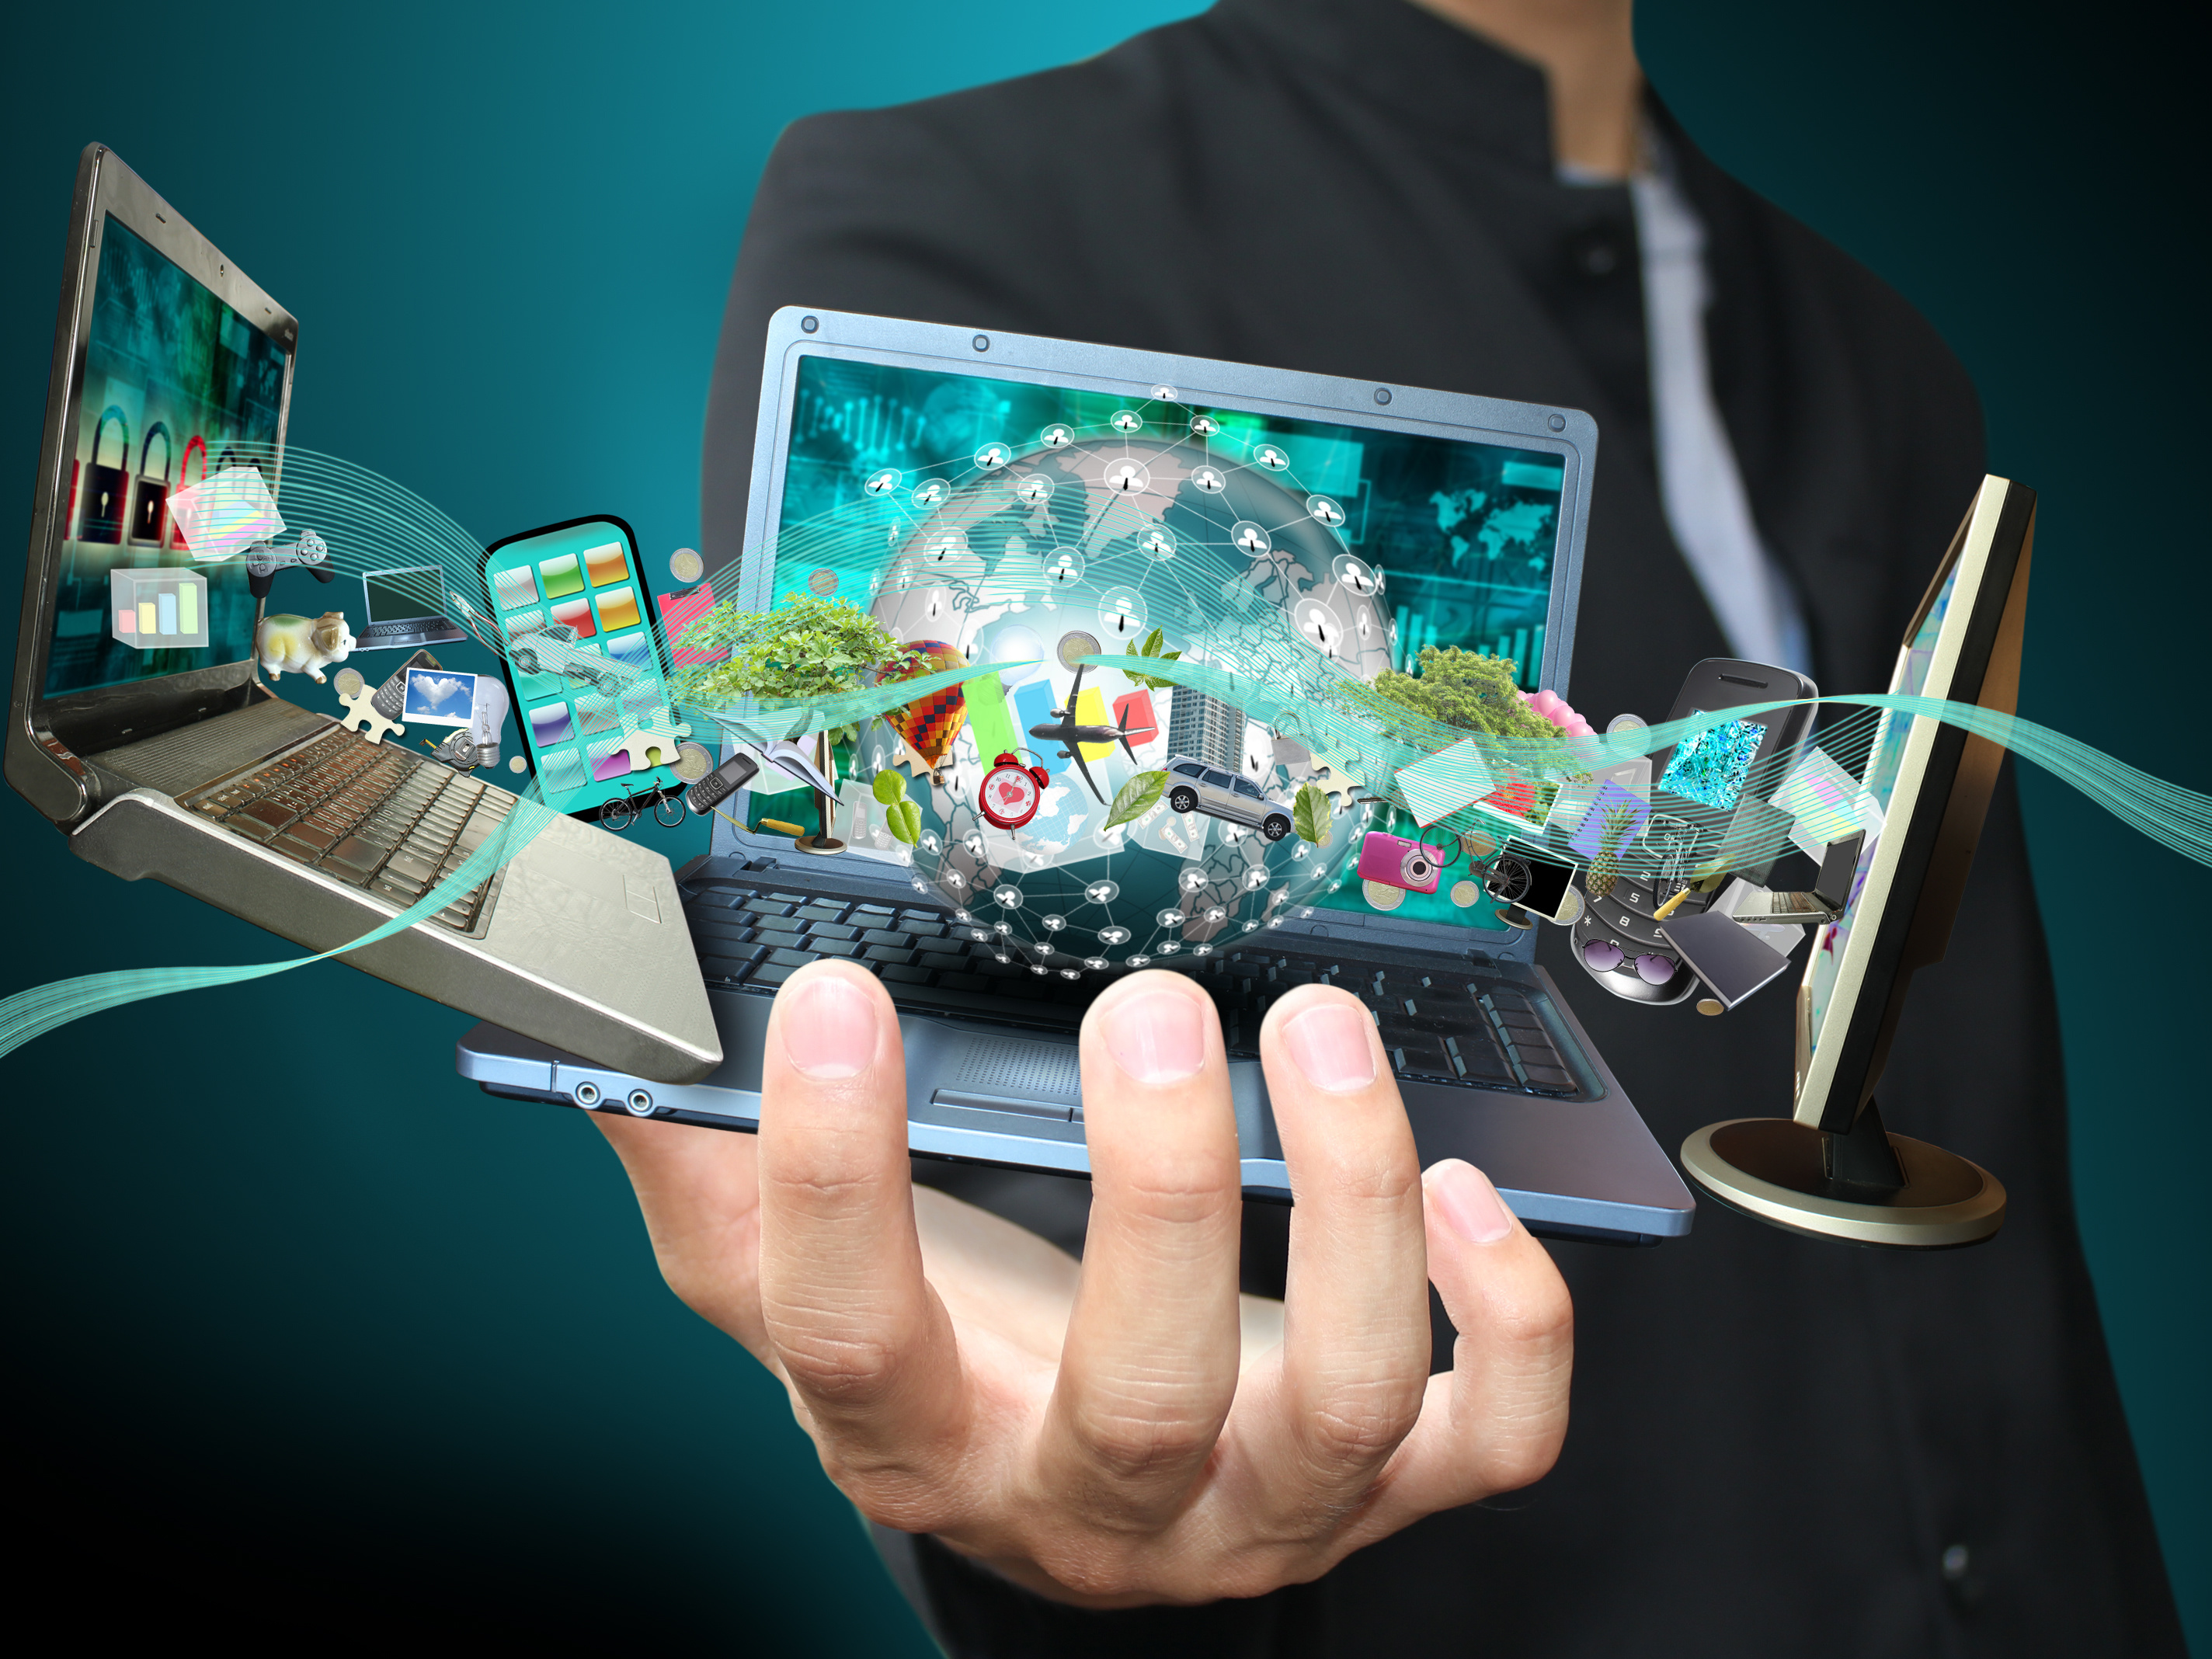 türkiye'den ve dünya'dan teknoloji haberleri